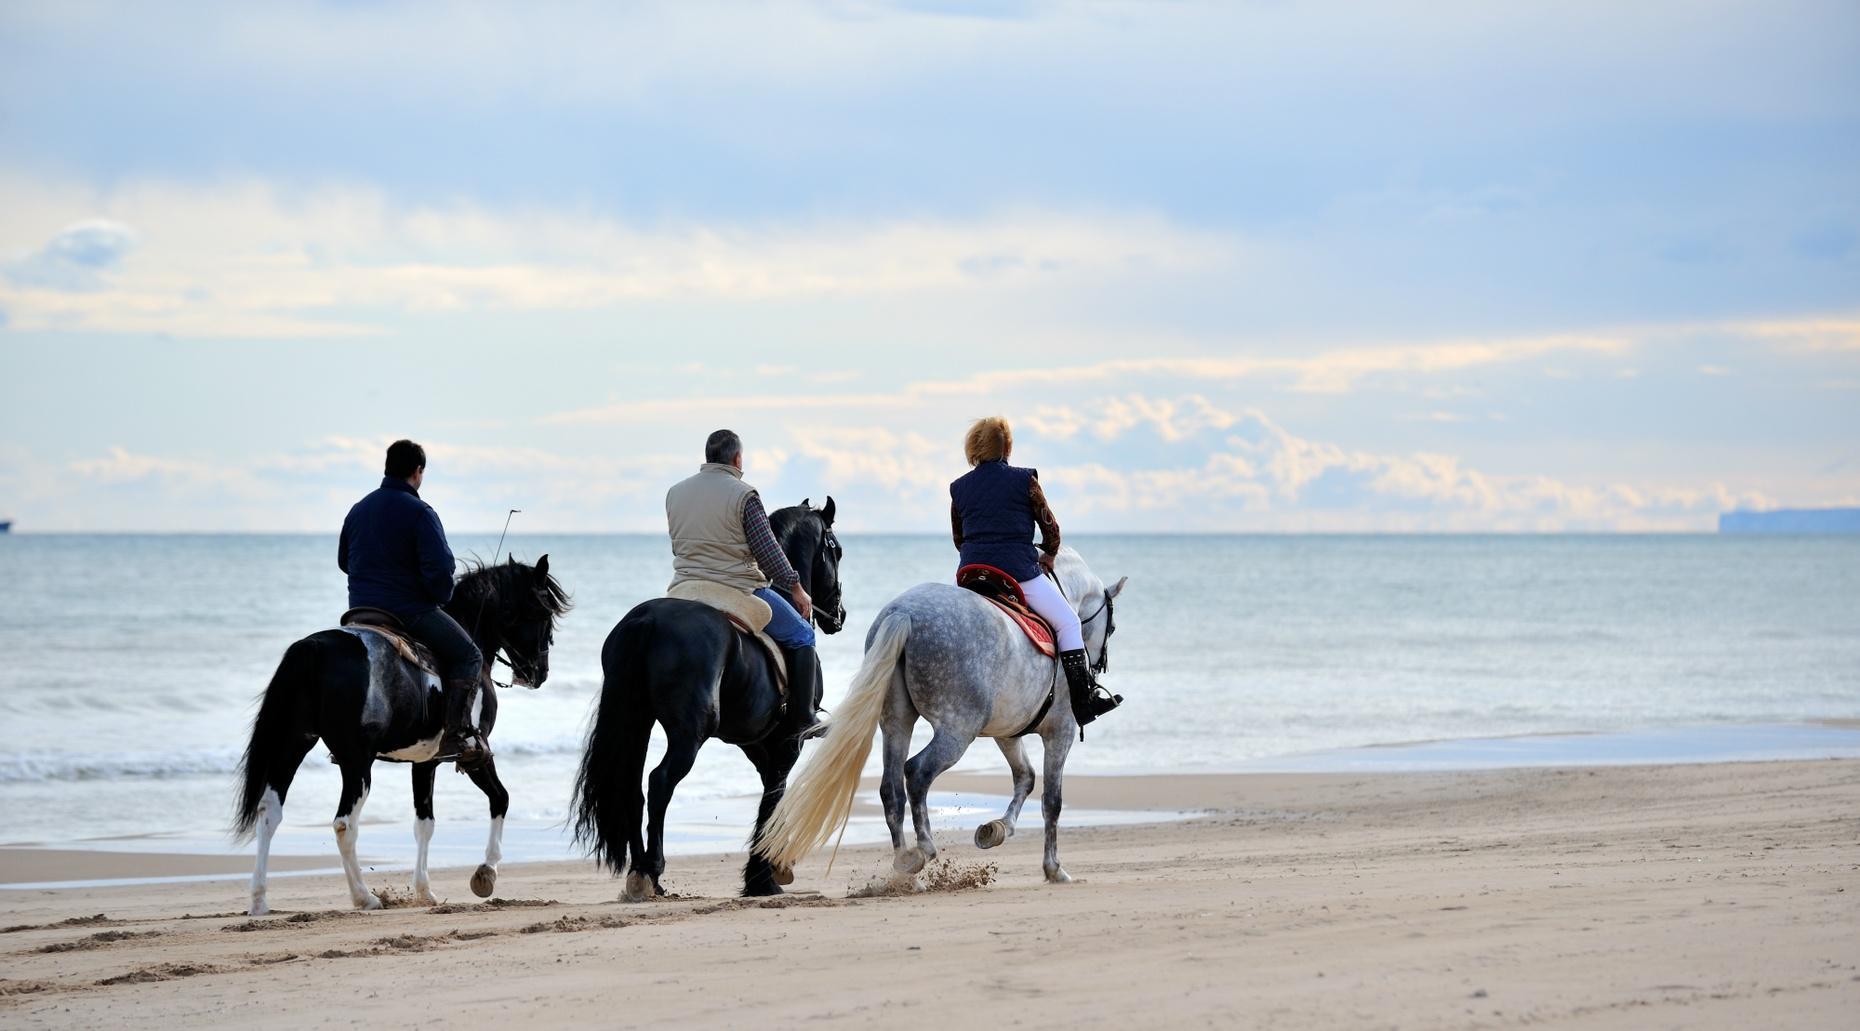 90-Minute Beach Adventure on Horseback in San Diego